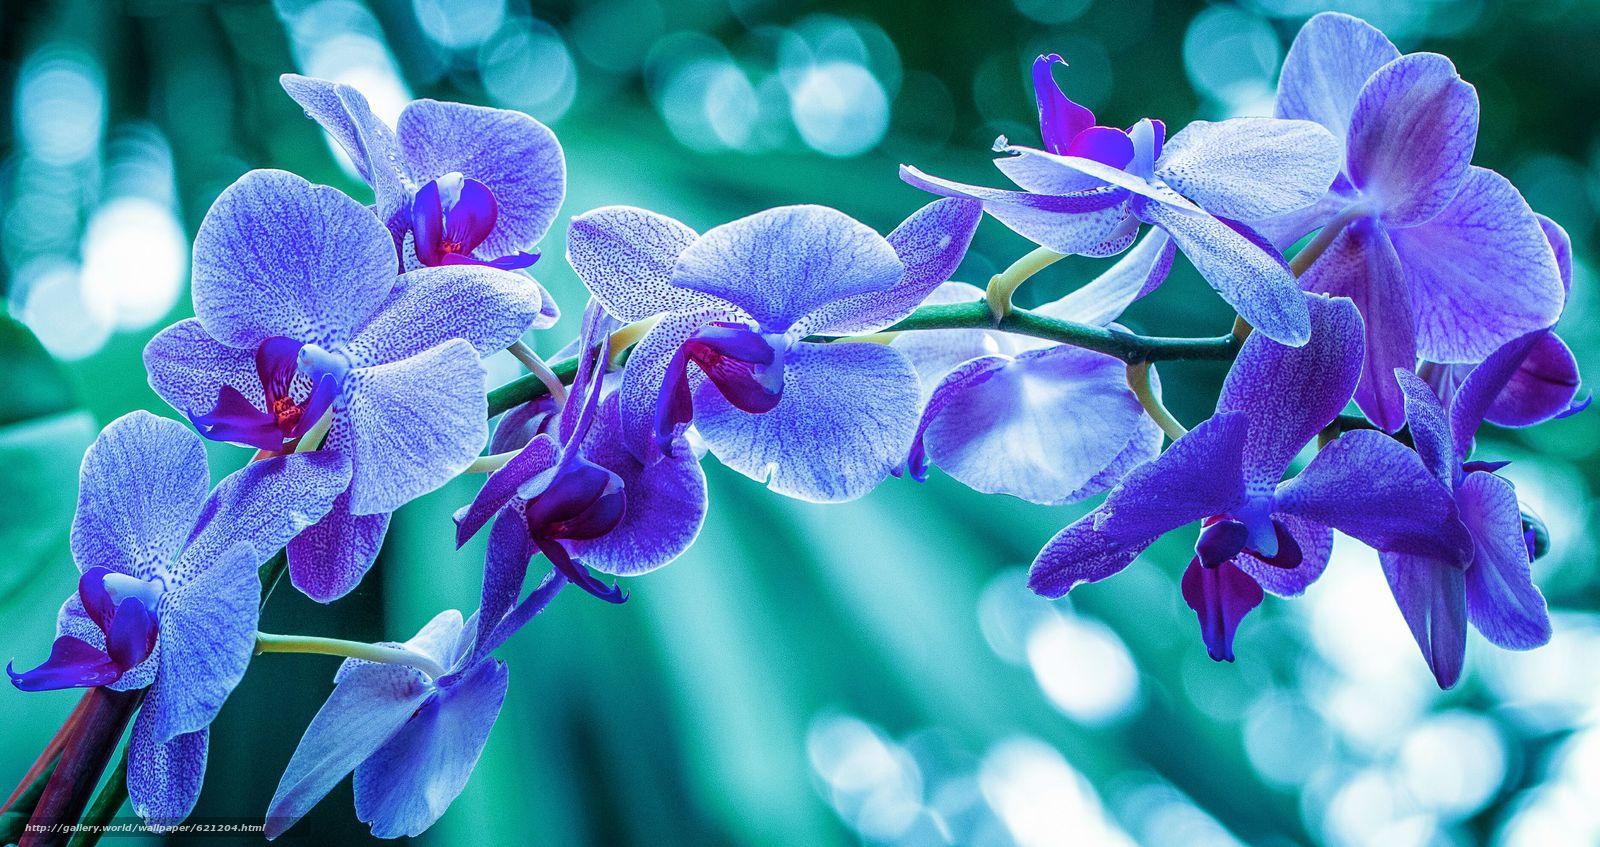 Скачать обои орхидея,  экзотика,  ветка,  макро бесплатно для рабочего стола в разрешении 3742x1982 — картинка №621204